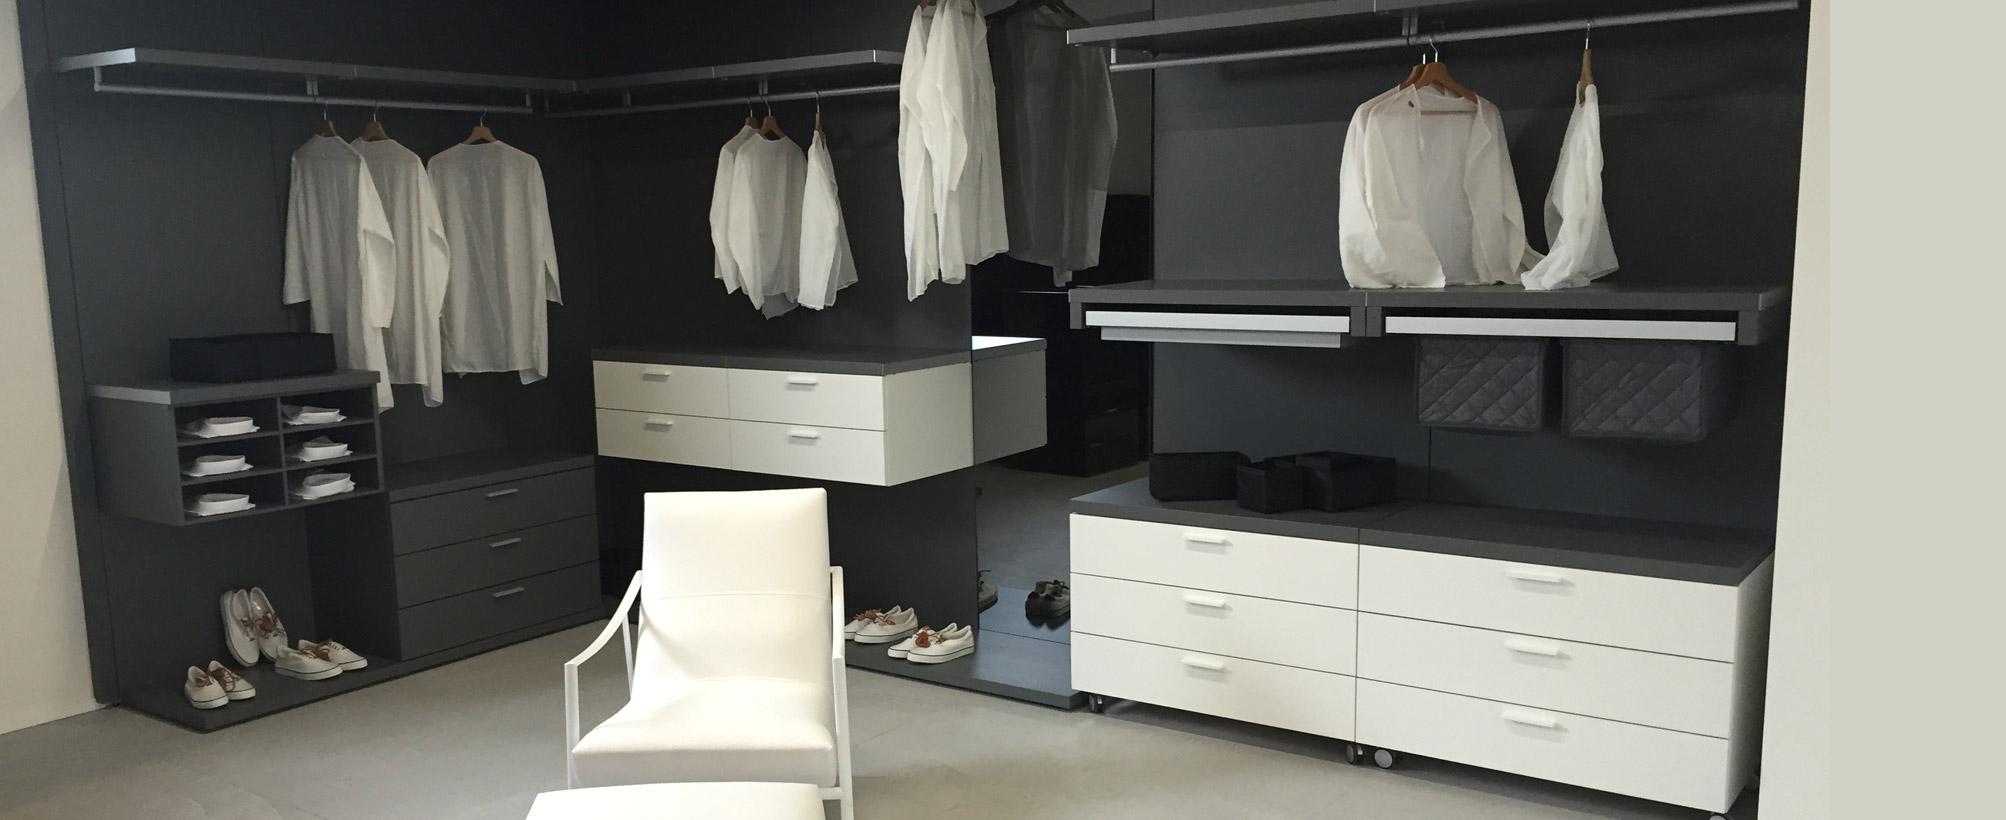 Ingrosso mobili vendita di cucine camere salotti for Ingrosso arredamenti veneto